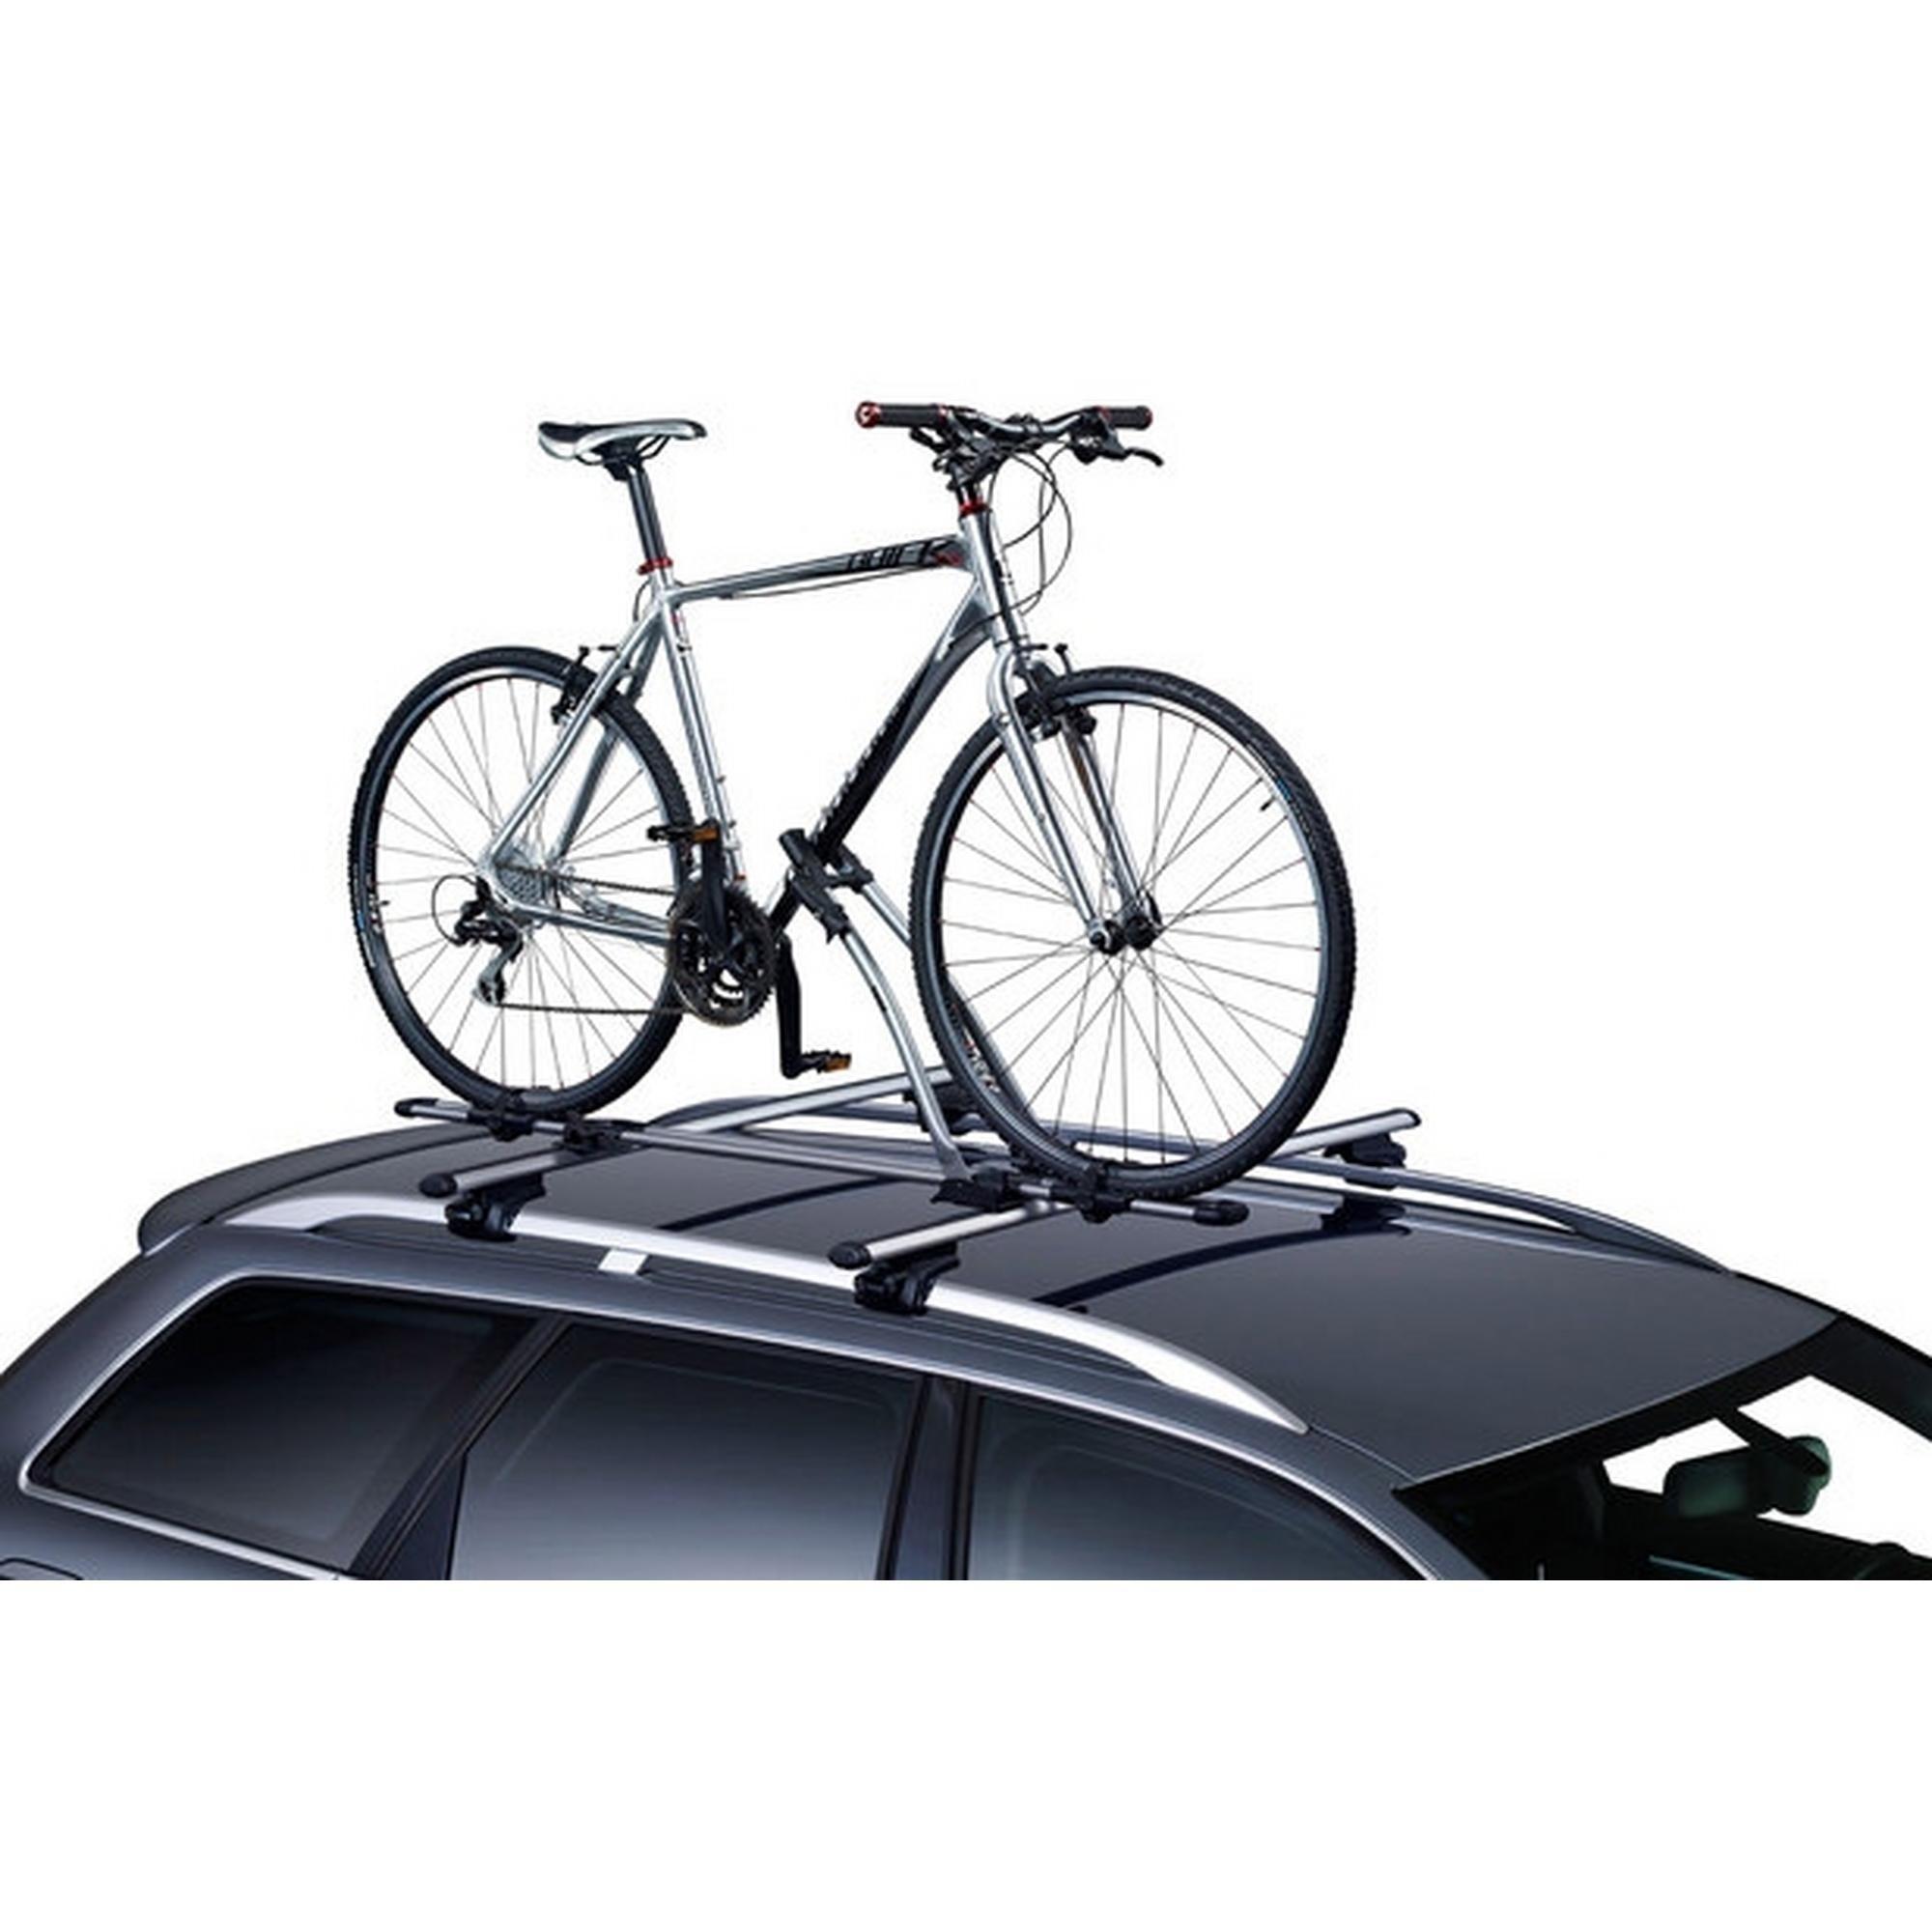 Thule 532 530 Locking Handle lock /& keys FreeRide Roof Mounted Cycle Carriers